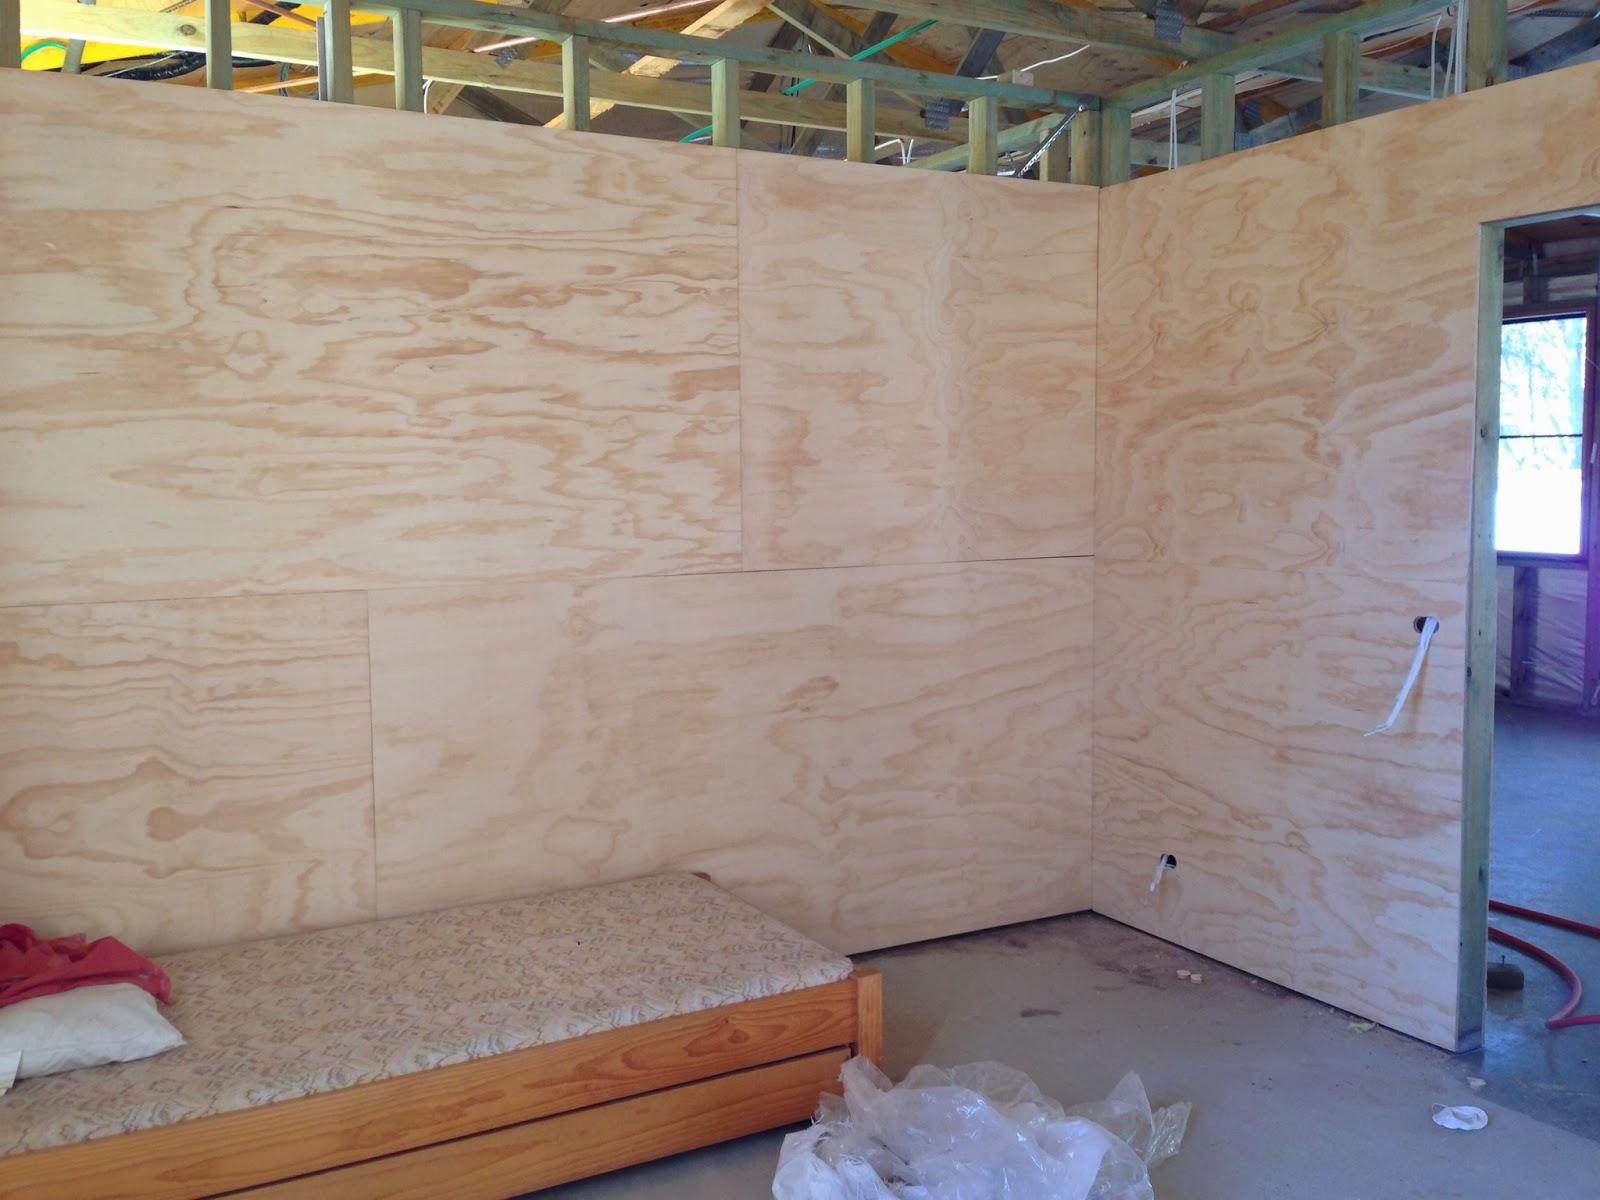 garage ceiling ideas drywall plywood etc - The Taj Garage Interior lining